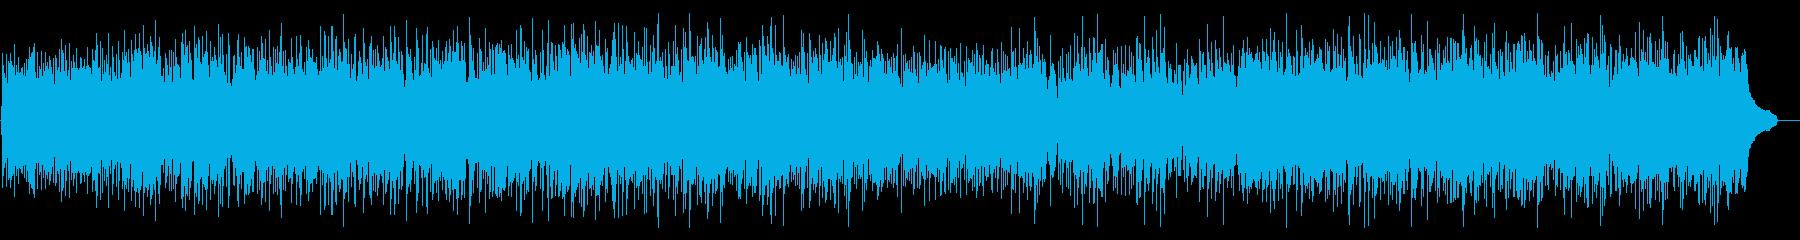 クラップ抜】アップテンポで陽気なウクレレの再生済みの波形